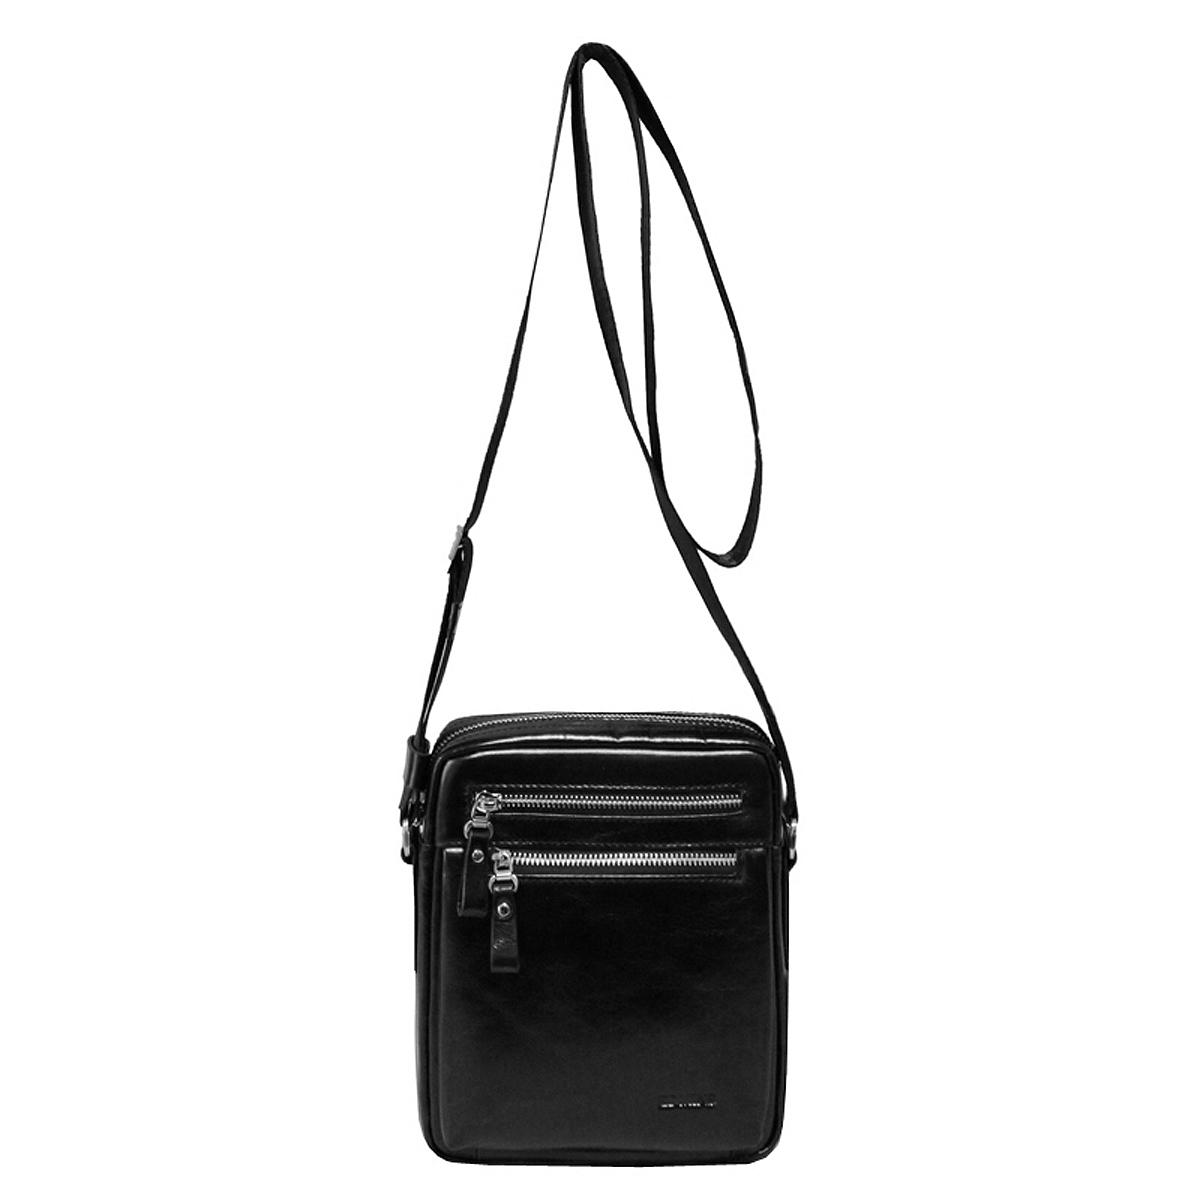 Сумка мужская Edmins, цвет: черный. 8735-2 GL black8735-2 GL blackМужская сумка Edmins выполнена из натуральной кожи черного цвета. Сумка имеет одно отделение на застежке-молнии, внутри которого расположен кармашек на застежке-молнии, два накладных кармана, два фиксатора для пишущих принадлежностей и открытый карман. На задней стенке сумки расположено кармашек для бумаг, который закрывается на магнит. На лицевой стороне - два кармана на застежке-молнии. Для удобства предусмотрена актуальная ручка-лента регулируемой длины. Сегодня мужская сумка - необходимый аксессуар для современного мужчины. Edmins предлагает для сильной половины человечества новую коллекцию сумок. Они элегантны, удобны и прекрасно дополнят образ владельца, сделав его при этом завершенным и стильным.